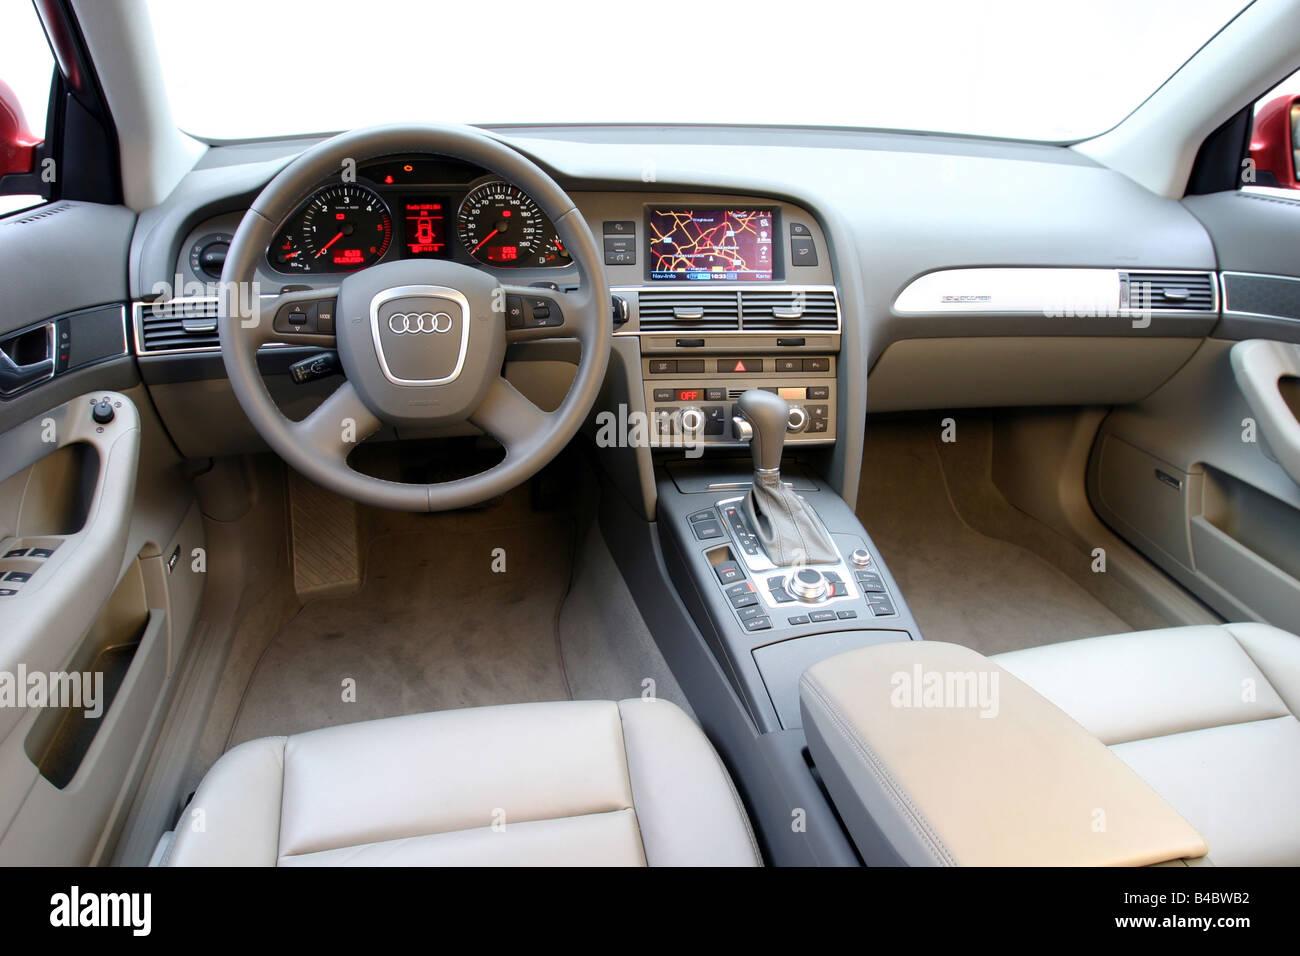 auto audi a6 3 0 tdi quattro limousine obere mittlere. Black Bedroom Furniture Sets. Home Design Ideas